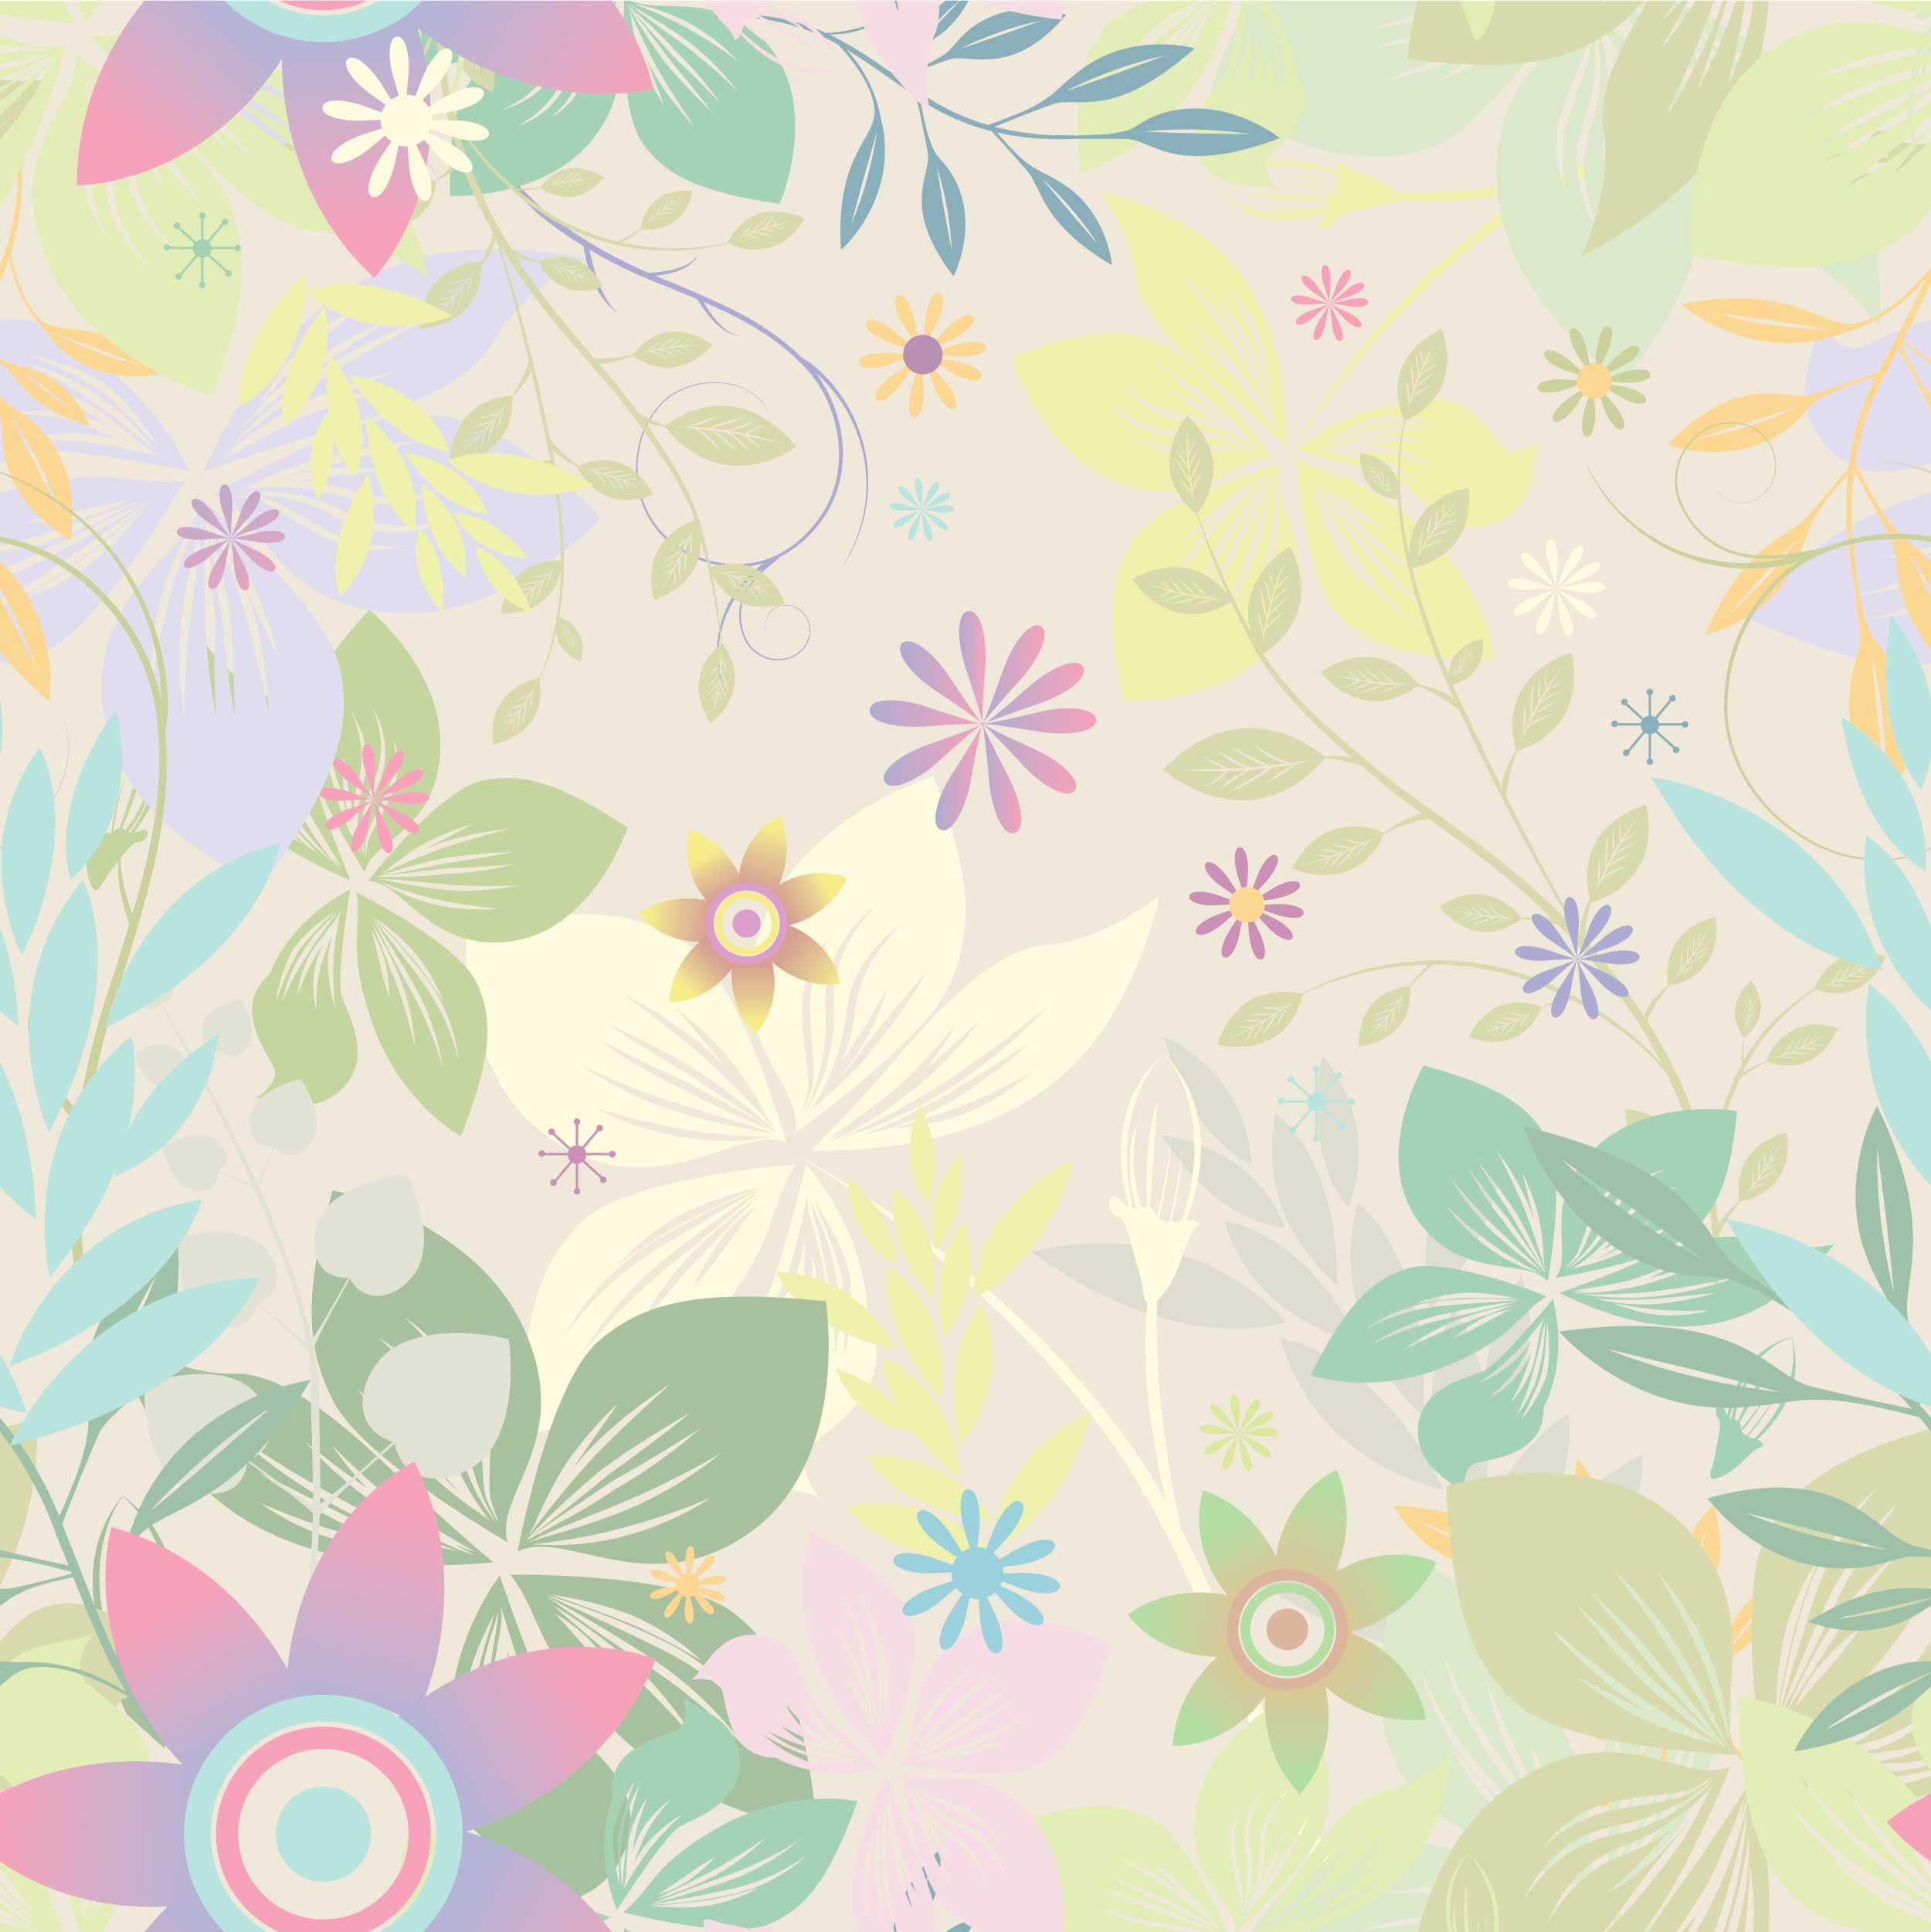 カラフルなのイラストフリー素材背景壁紙no530カラフル枝葉